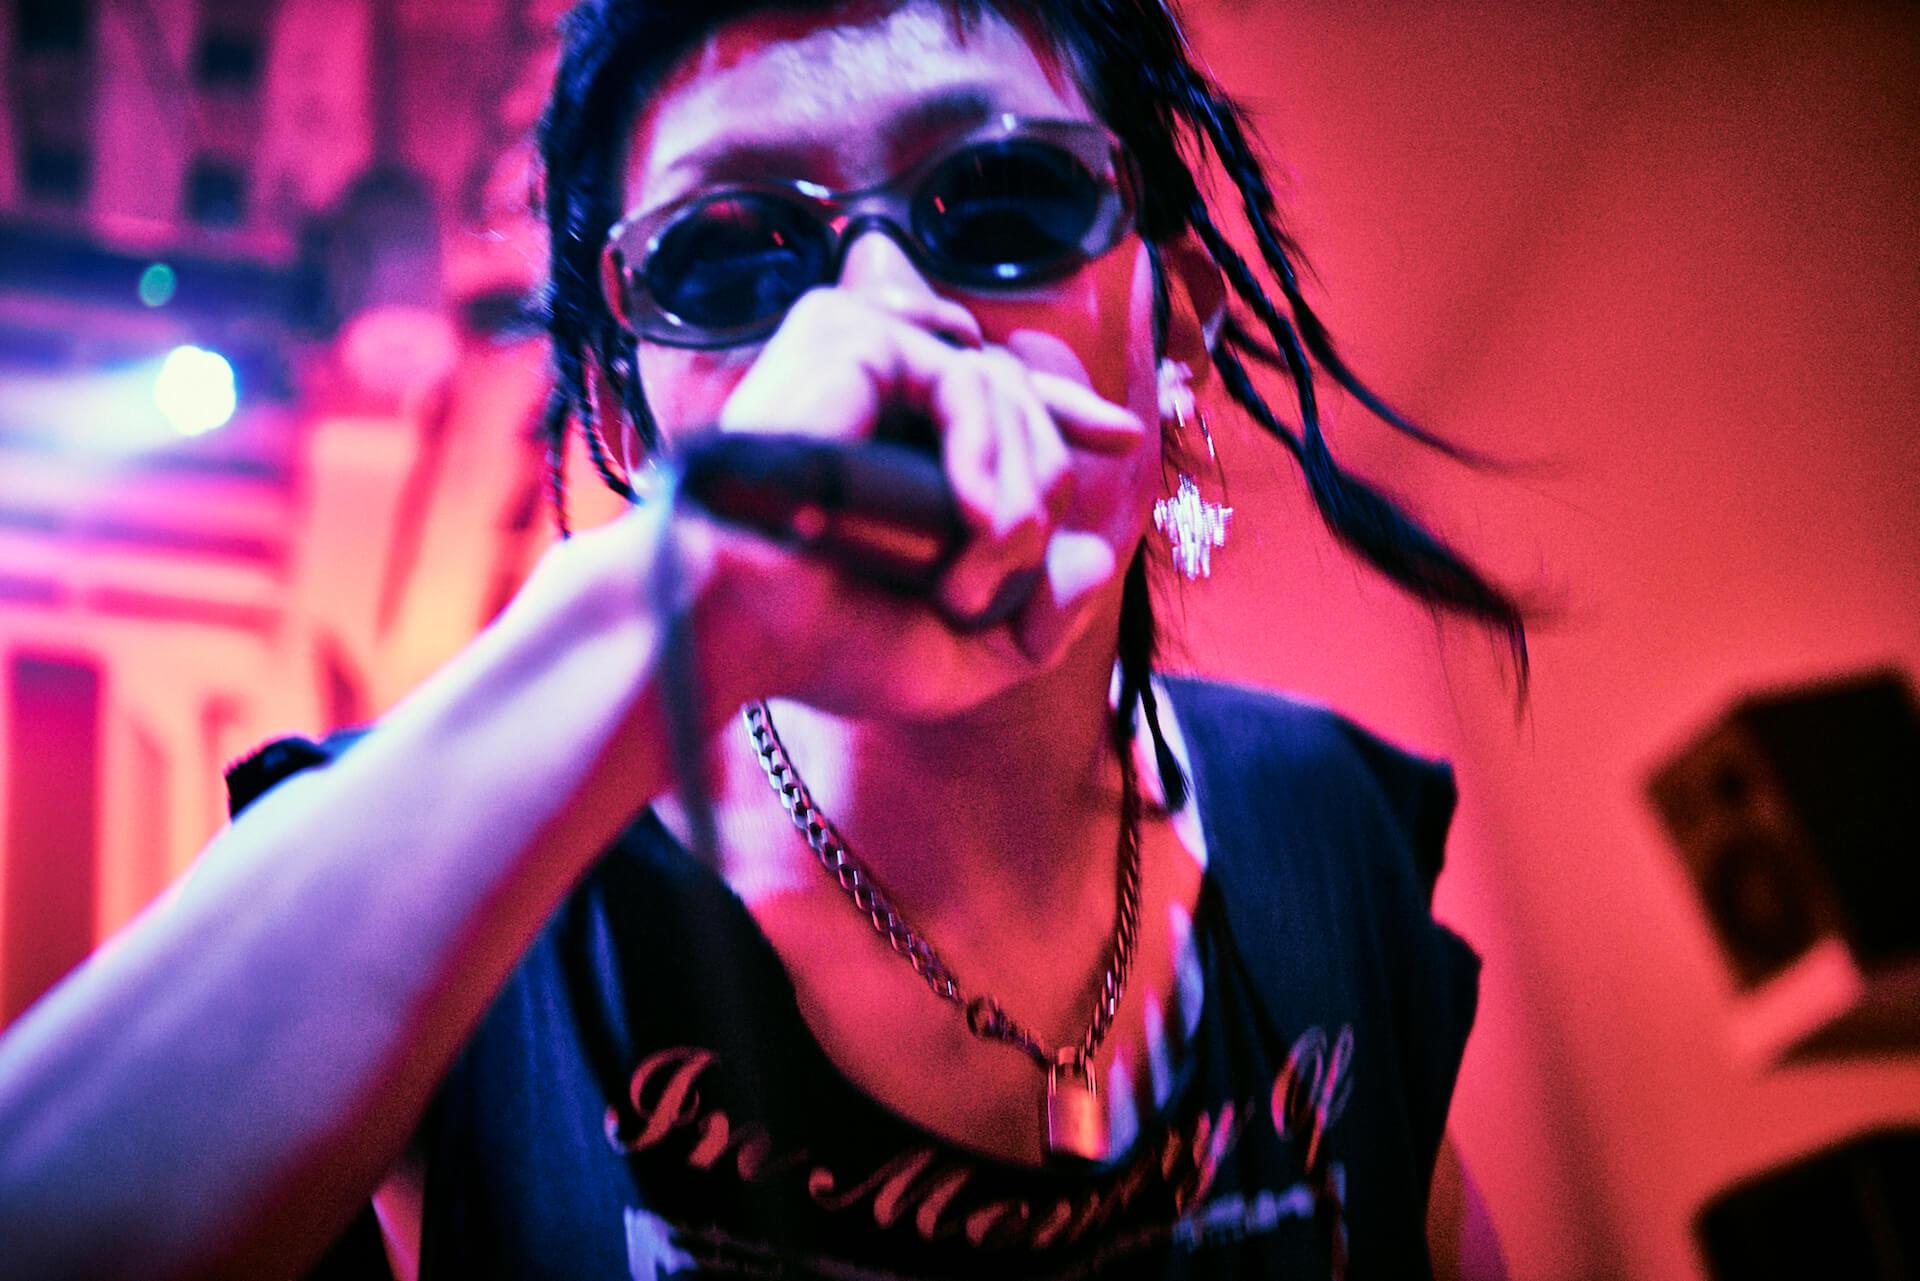 Daichi Yamamoto、釈迦坊主、dodo、Tohjiが登場|Red Bullによる新企画RASENの第2弾が公開 music190816-rasen-7